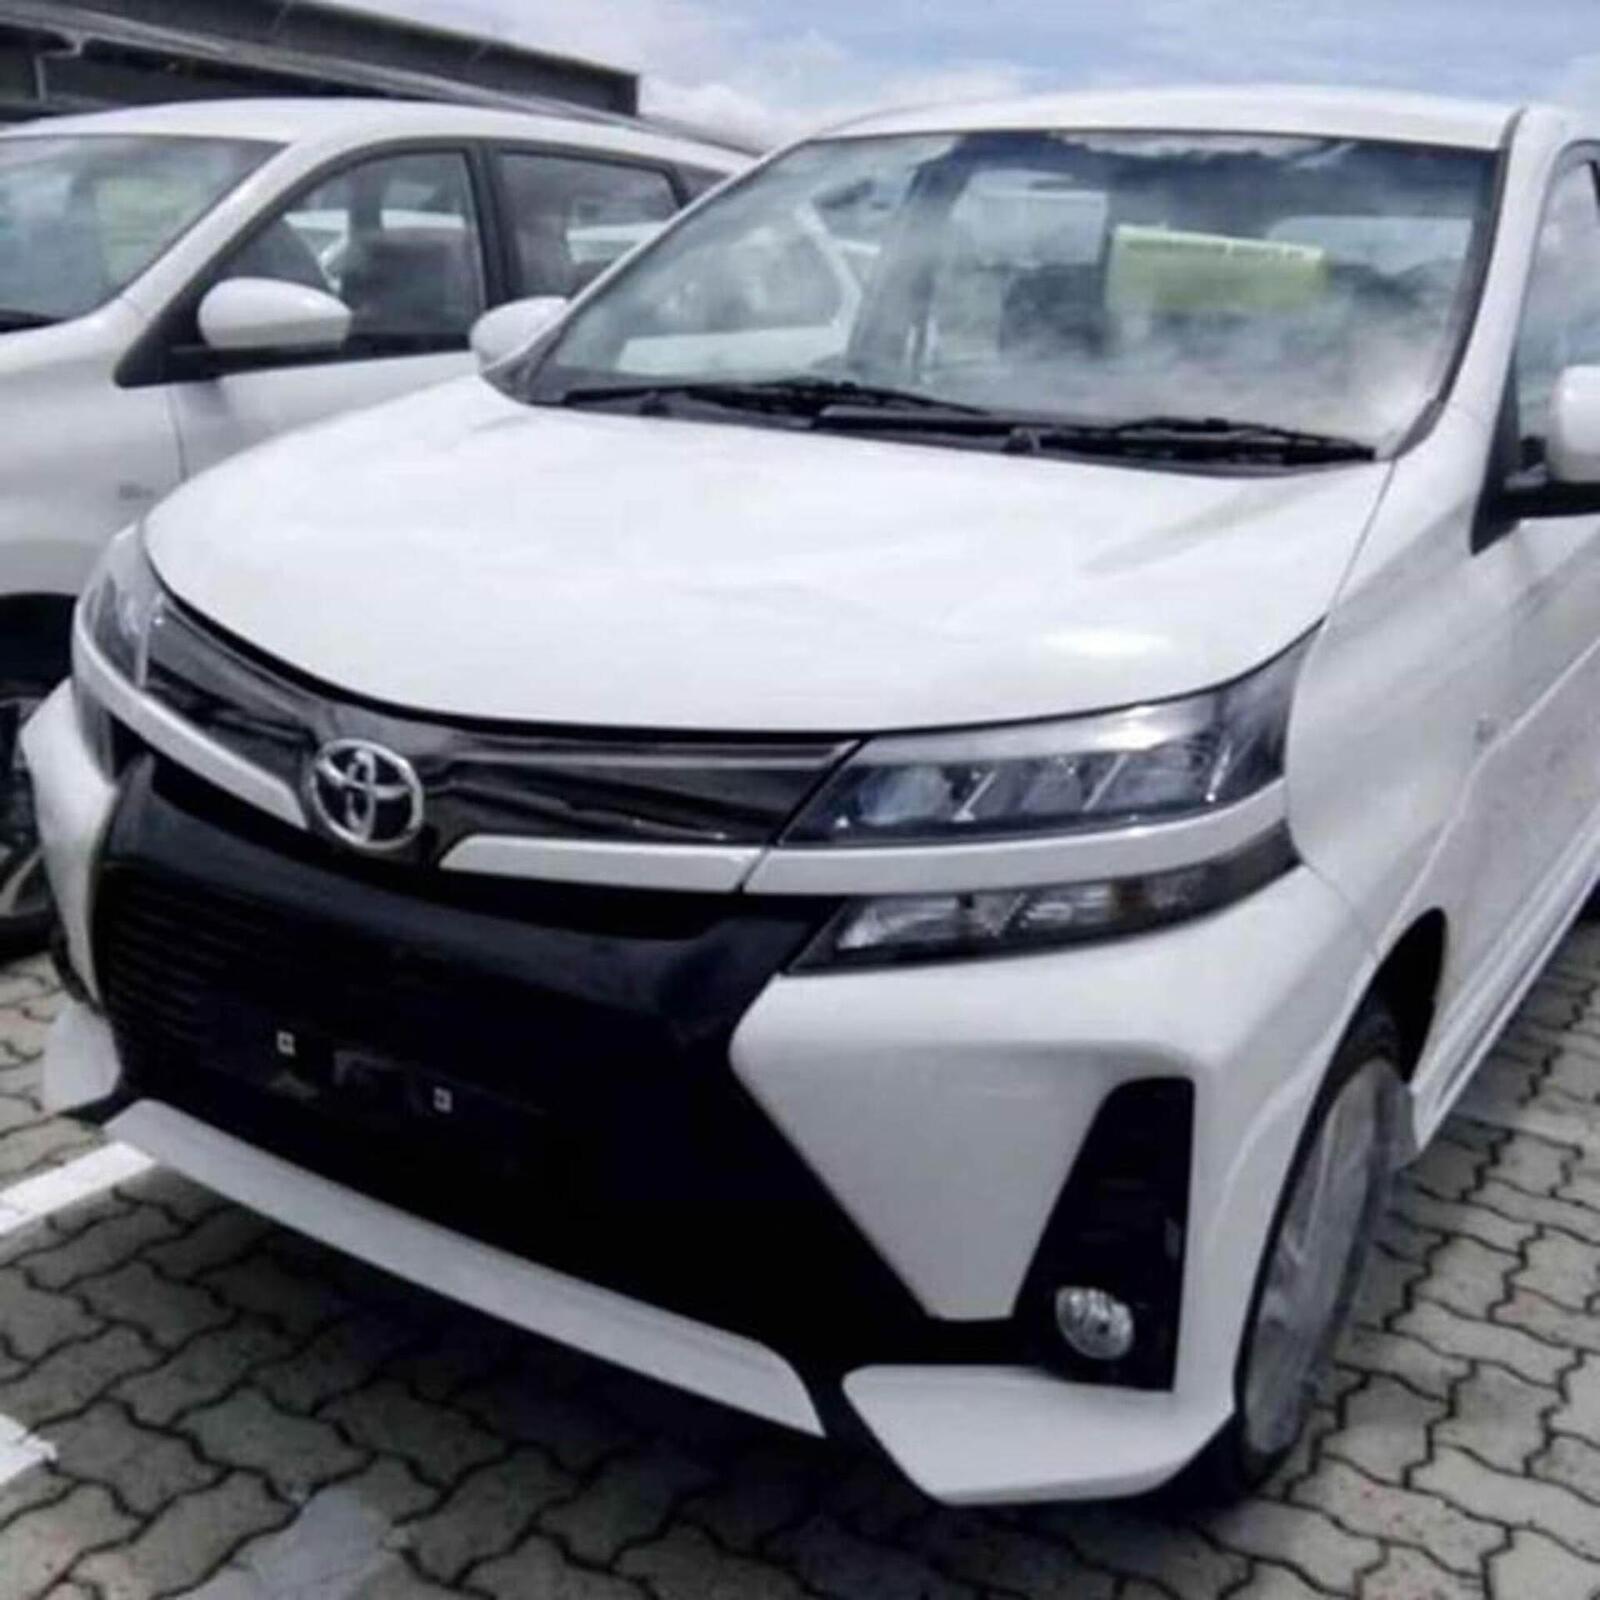 Lộ diện Toyota Avanza 2019 phiên bản nâng cấp Facelift mới với thiết kế đẹp phiên bản cũ - Hình 4